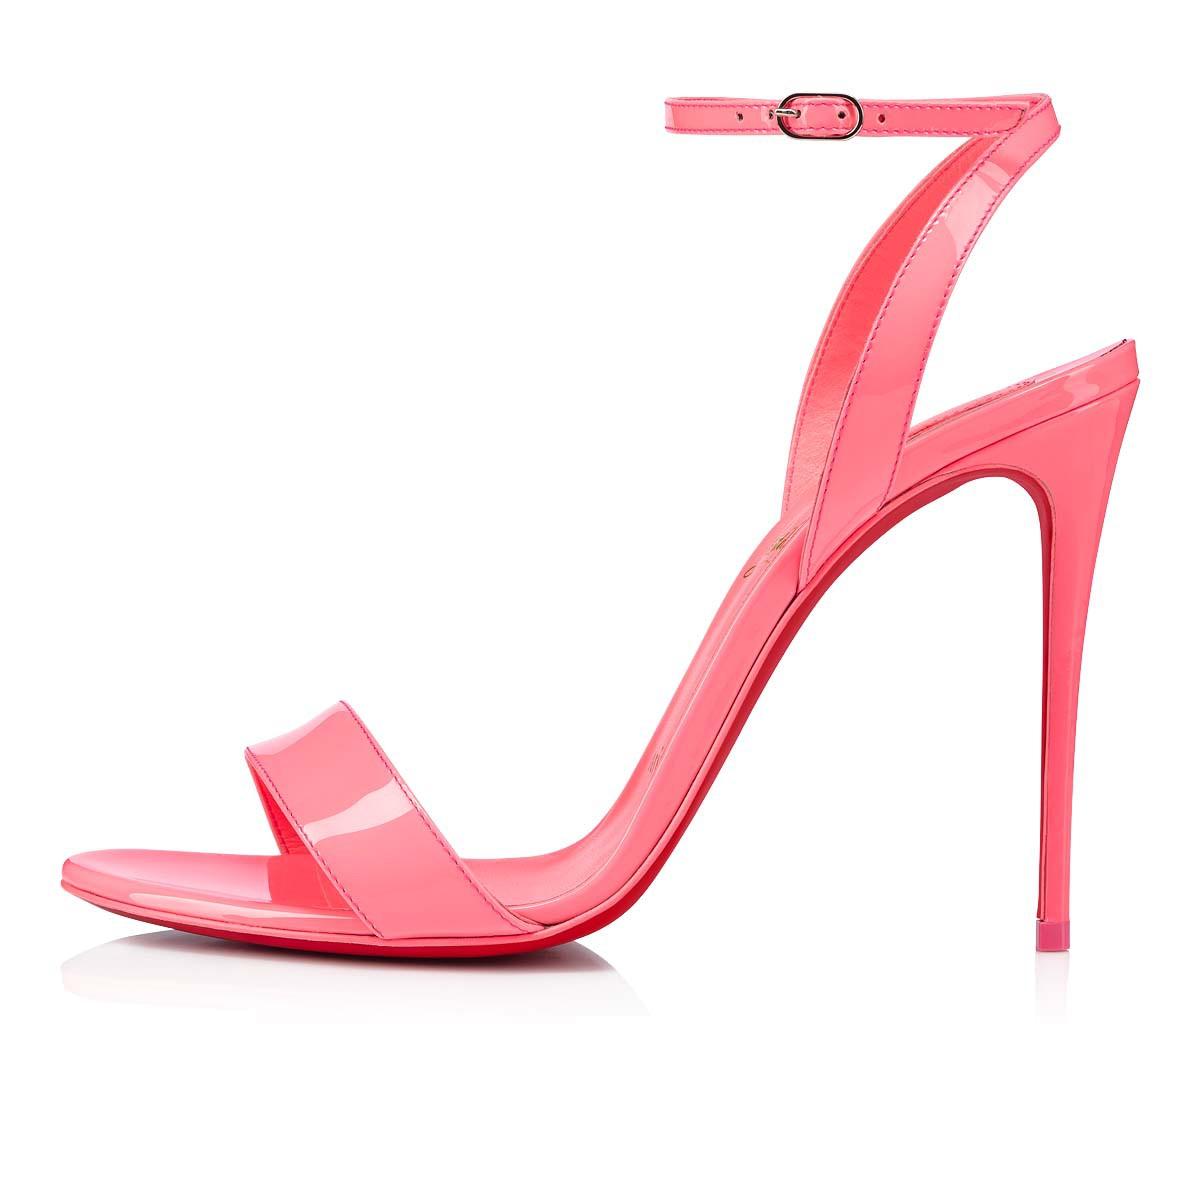 Shoes - Loubigirl - Christian Louboutin